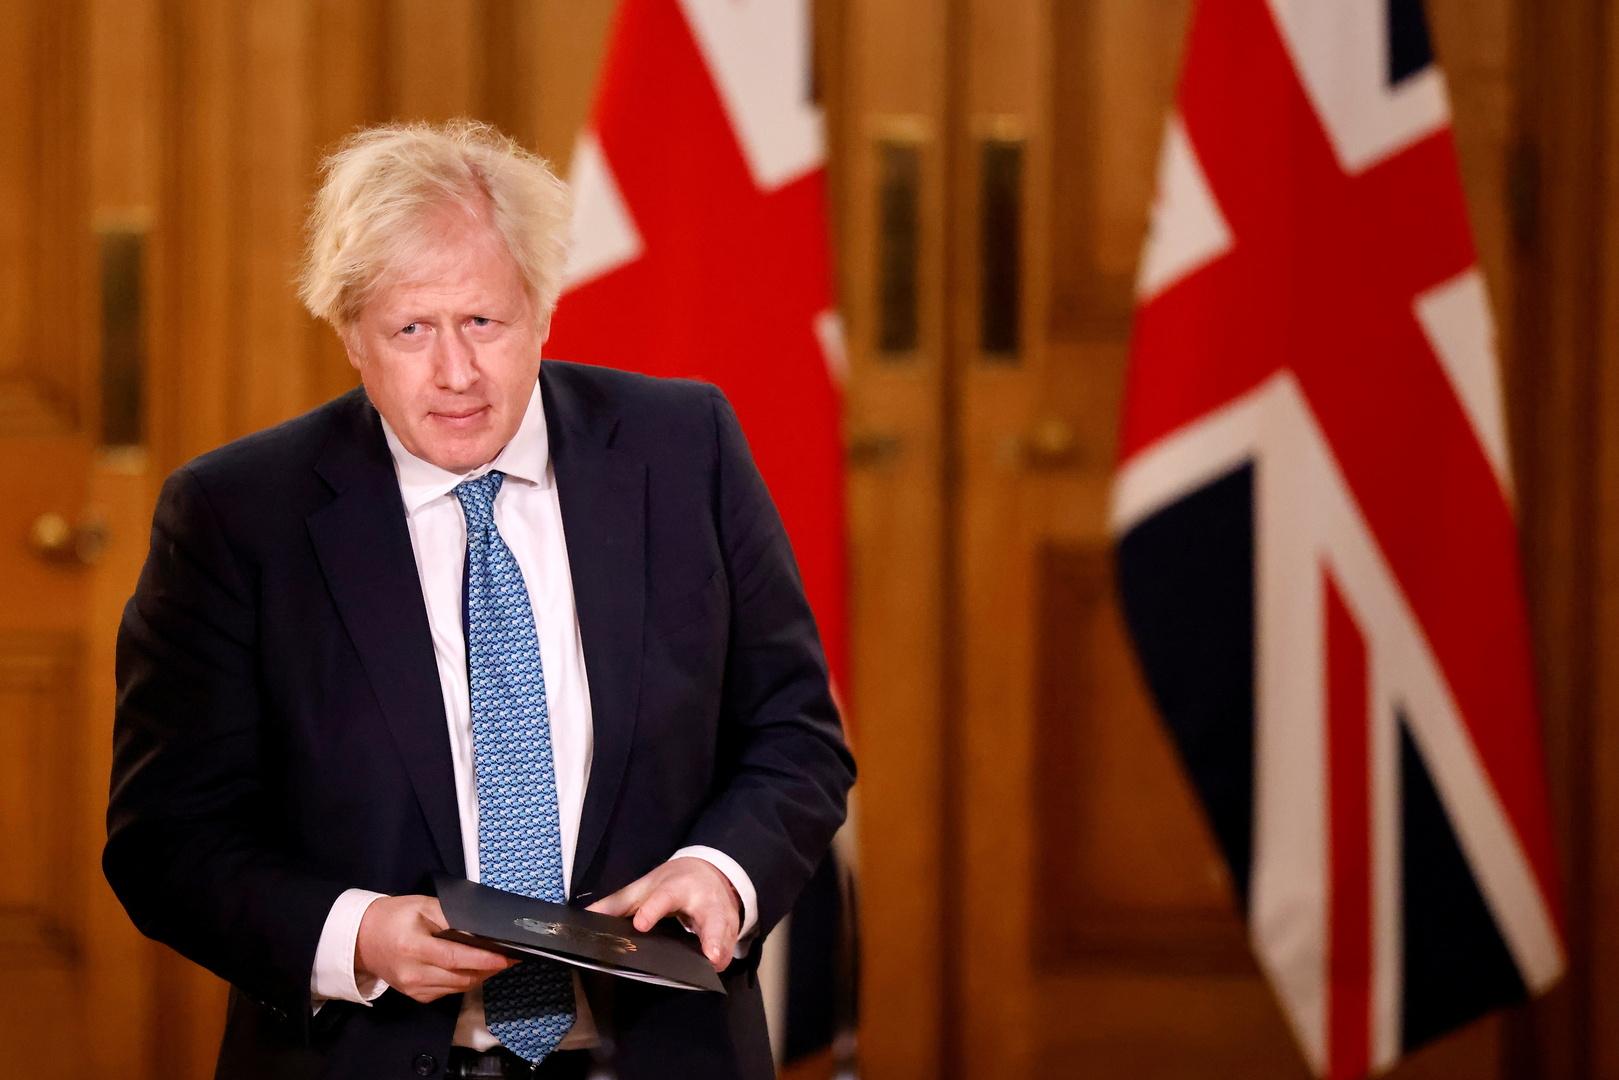 جونسون: بريطانيا تواجه لحظة عصيبة بسبب نقص الأكسجين في بعض المناطق